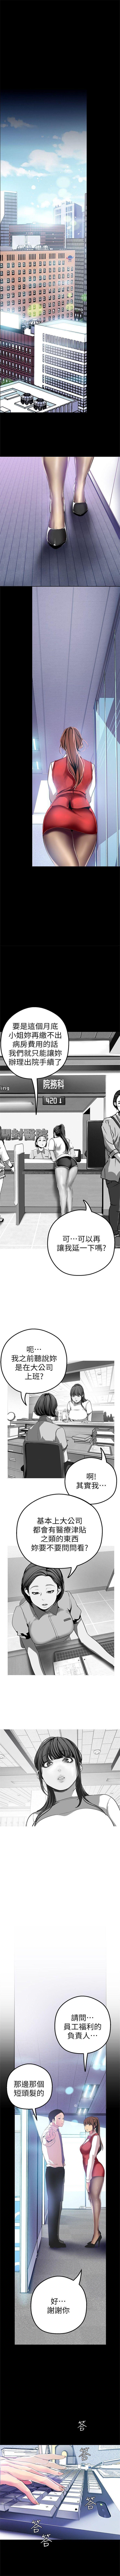 美麗新世界 1-85 官方中文(連載中) 213